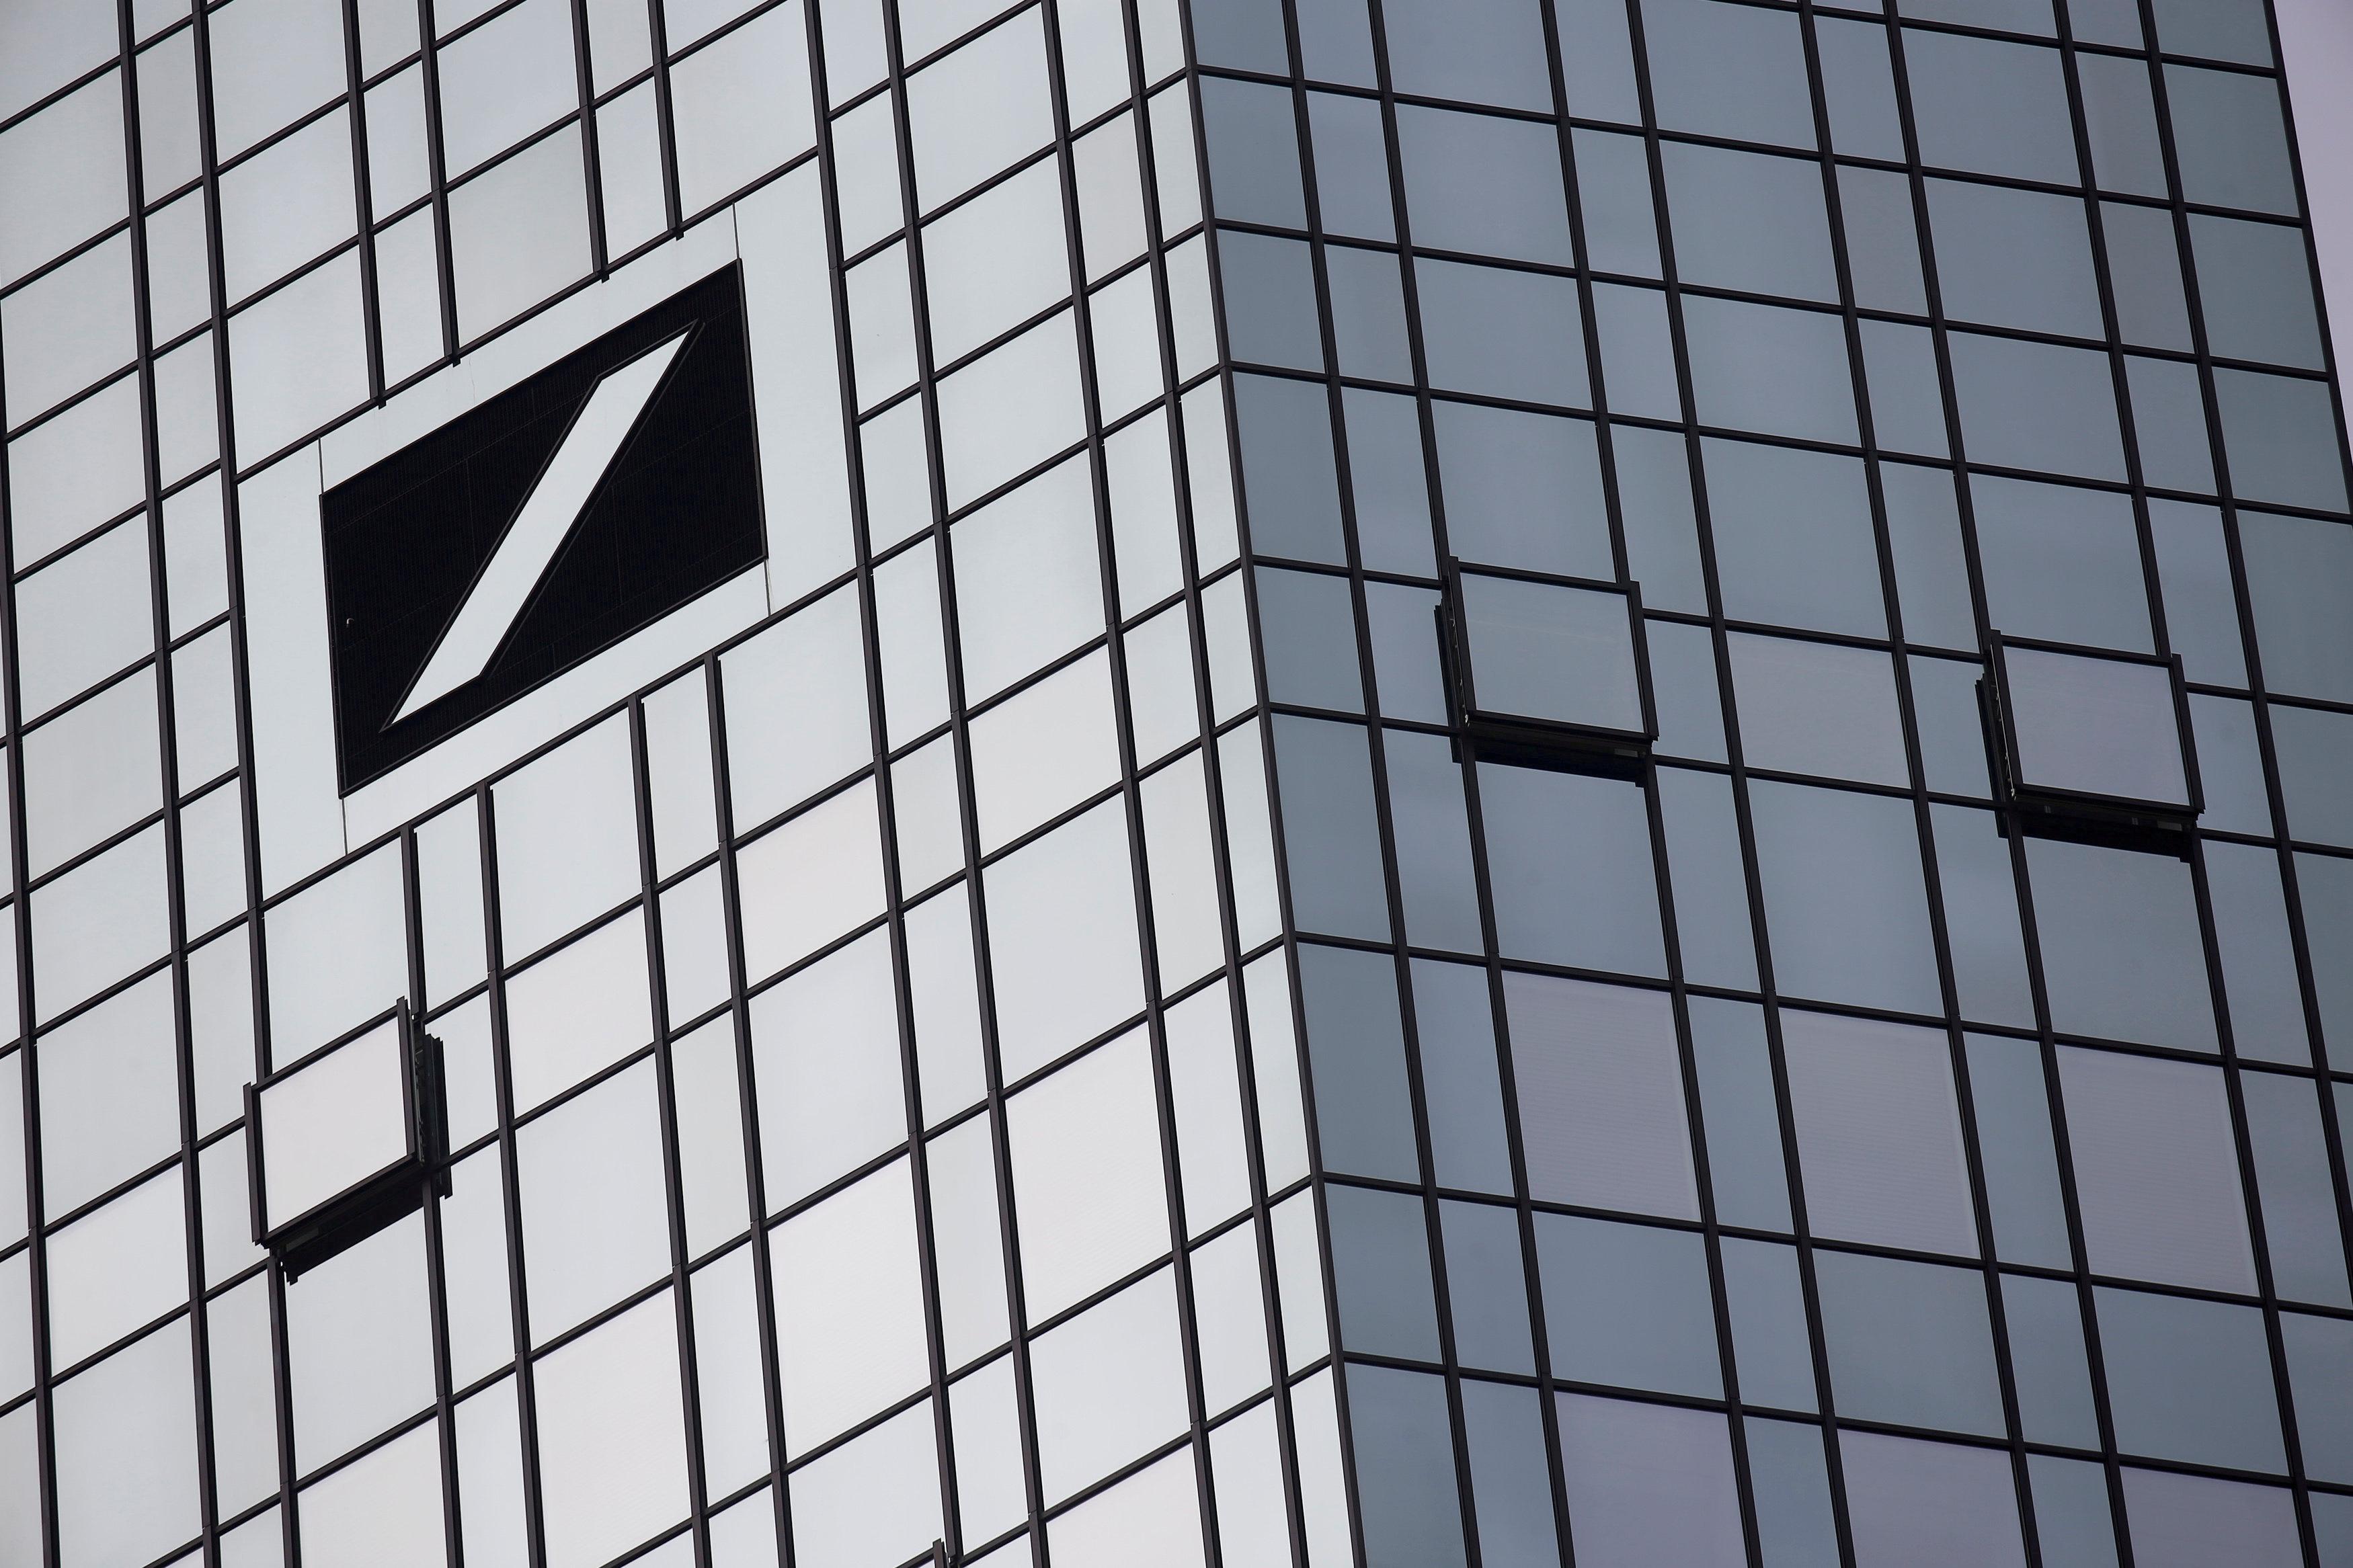 deutsche-bank-le-conseil-discutera-de-coupes-d-effectifs-le-7-juillet